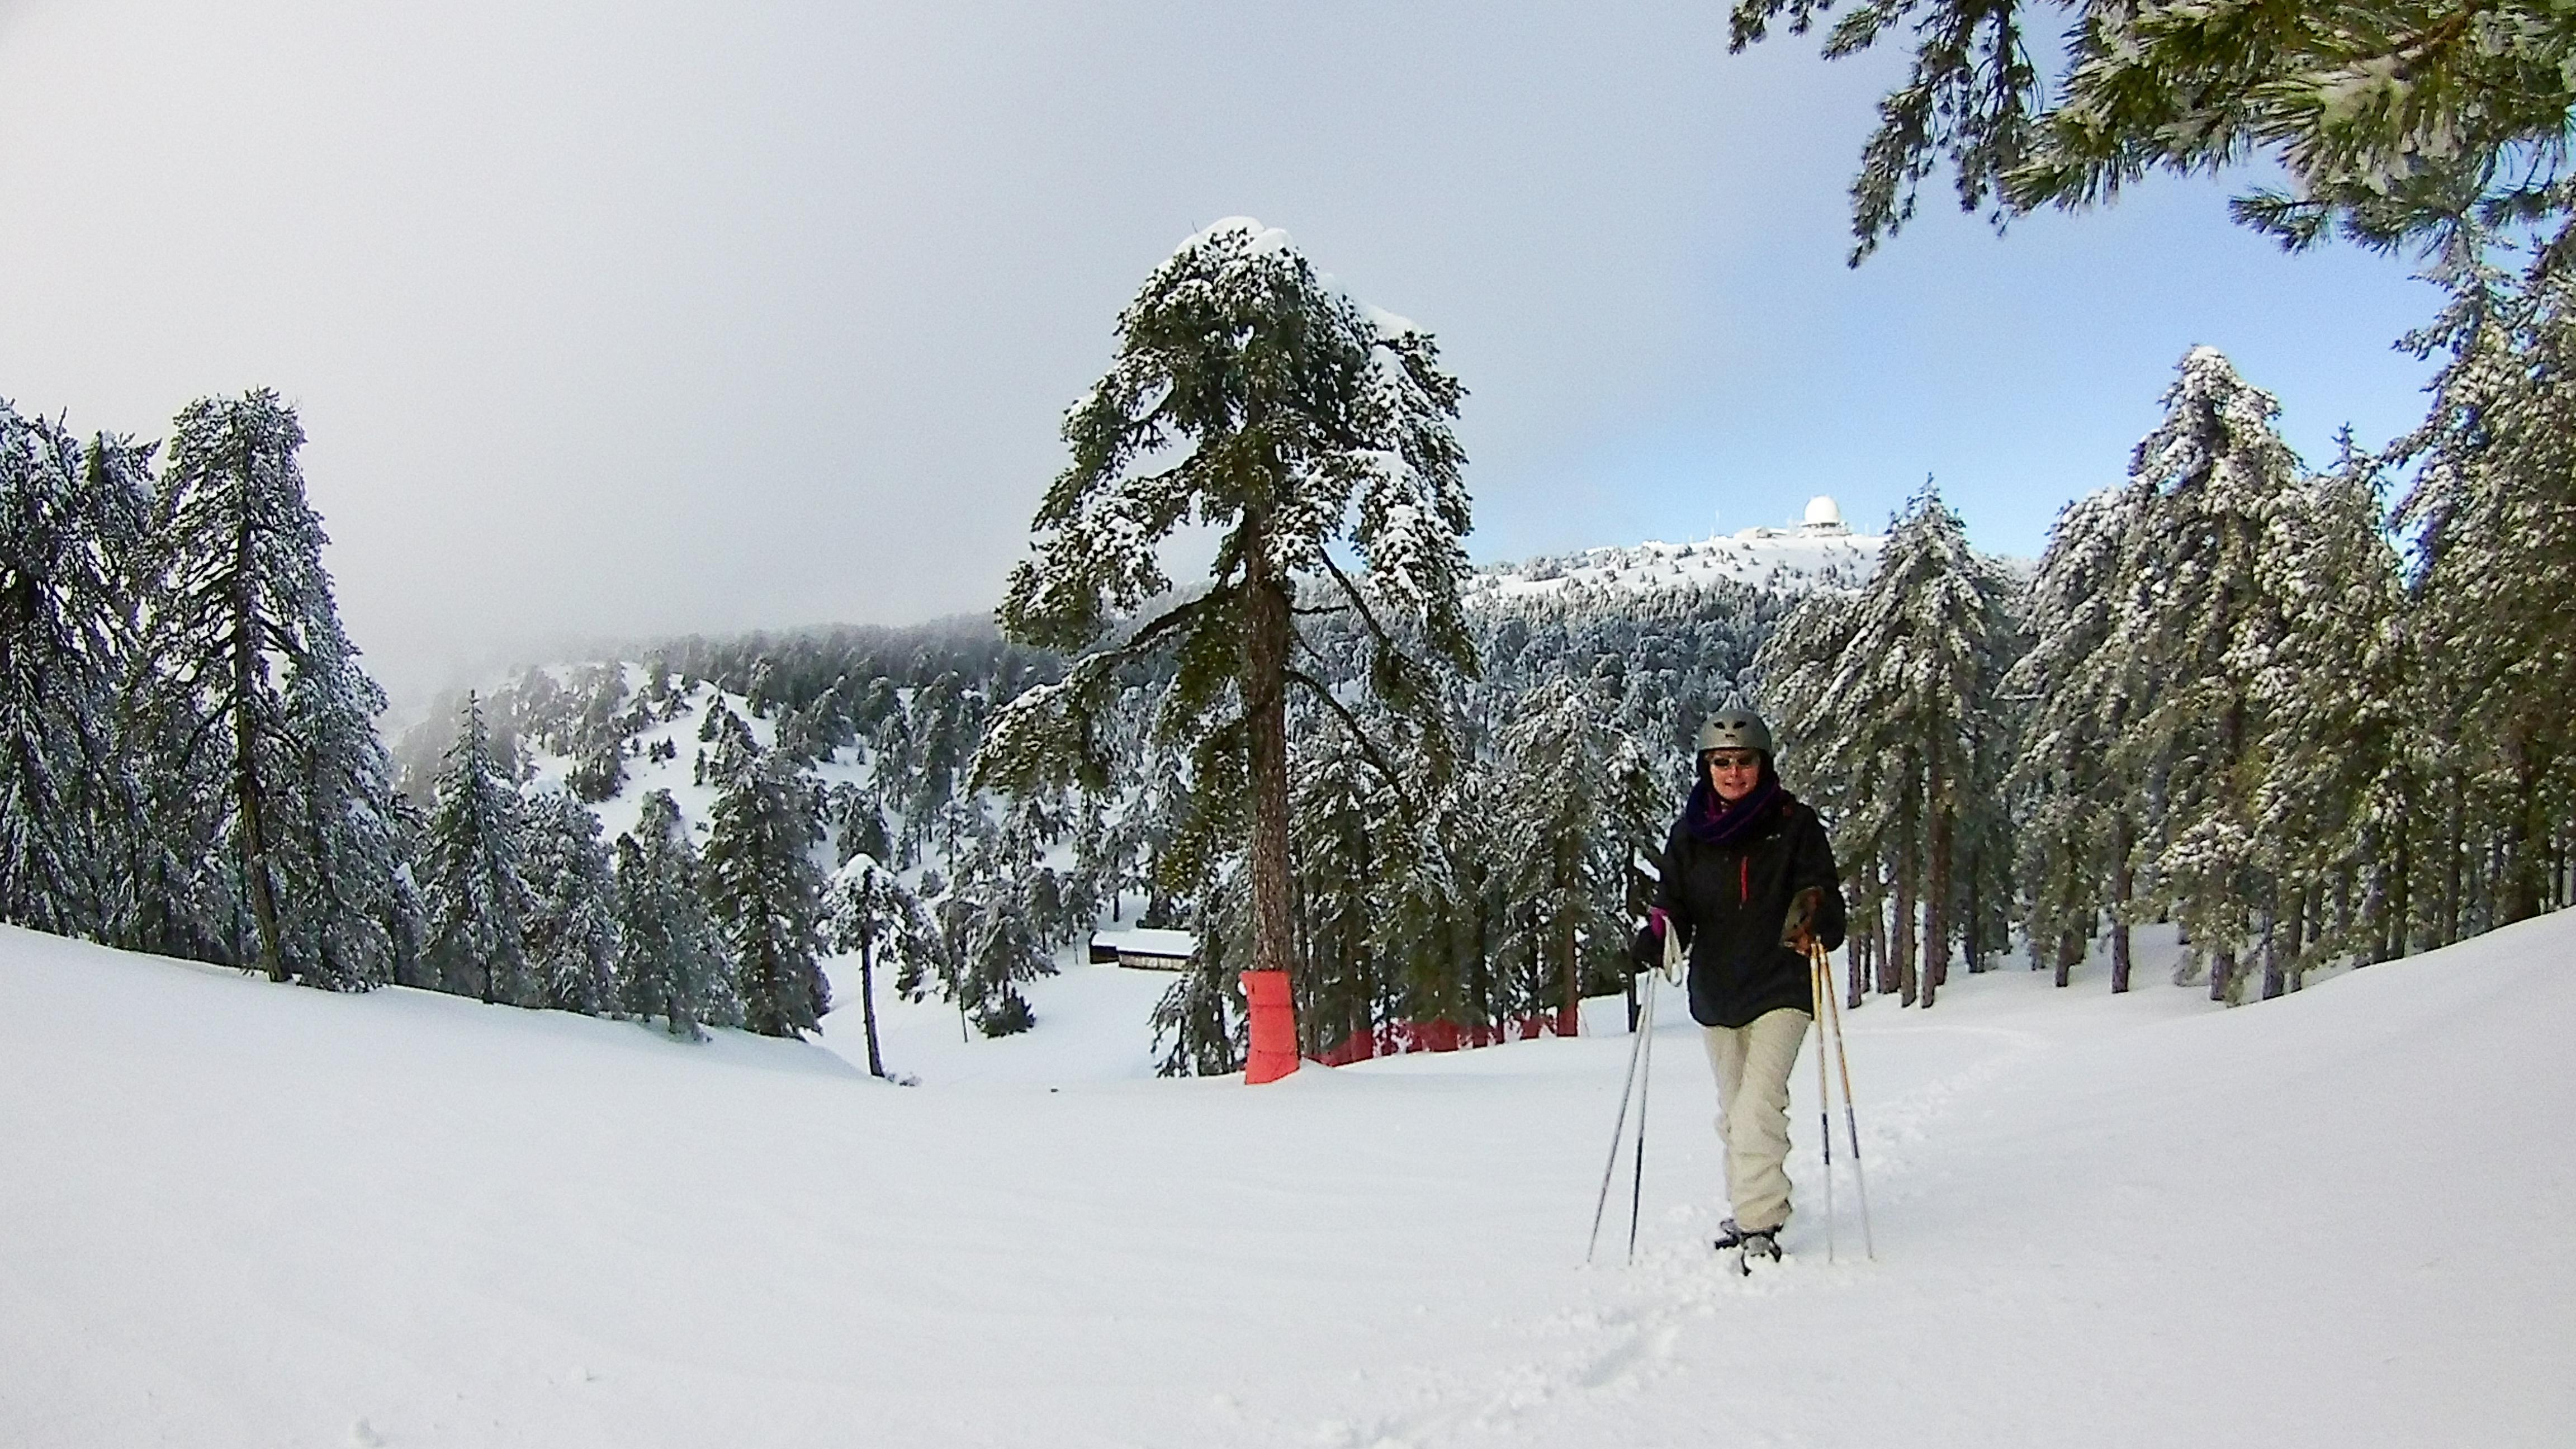 ski 17.01.19 (8 of 11)